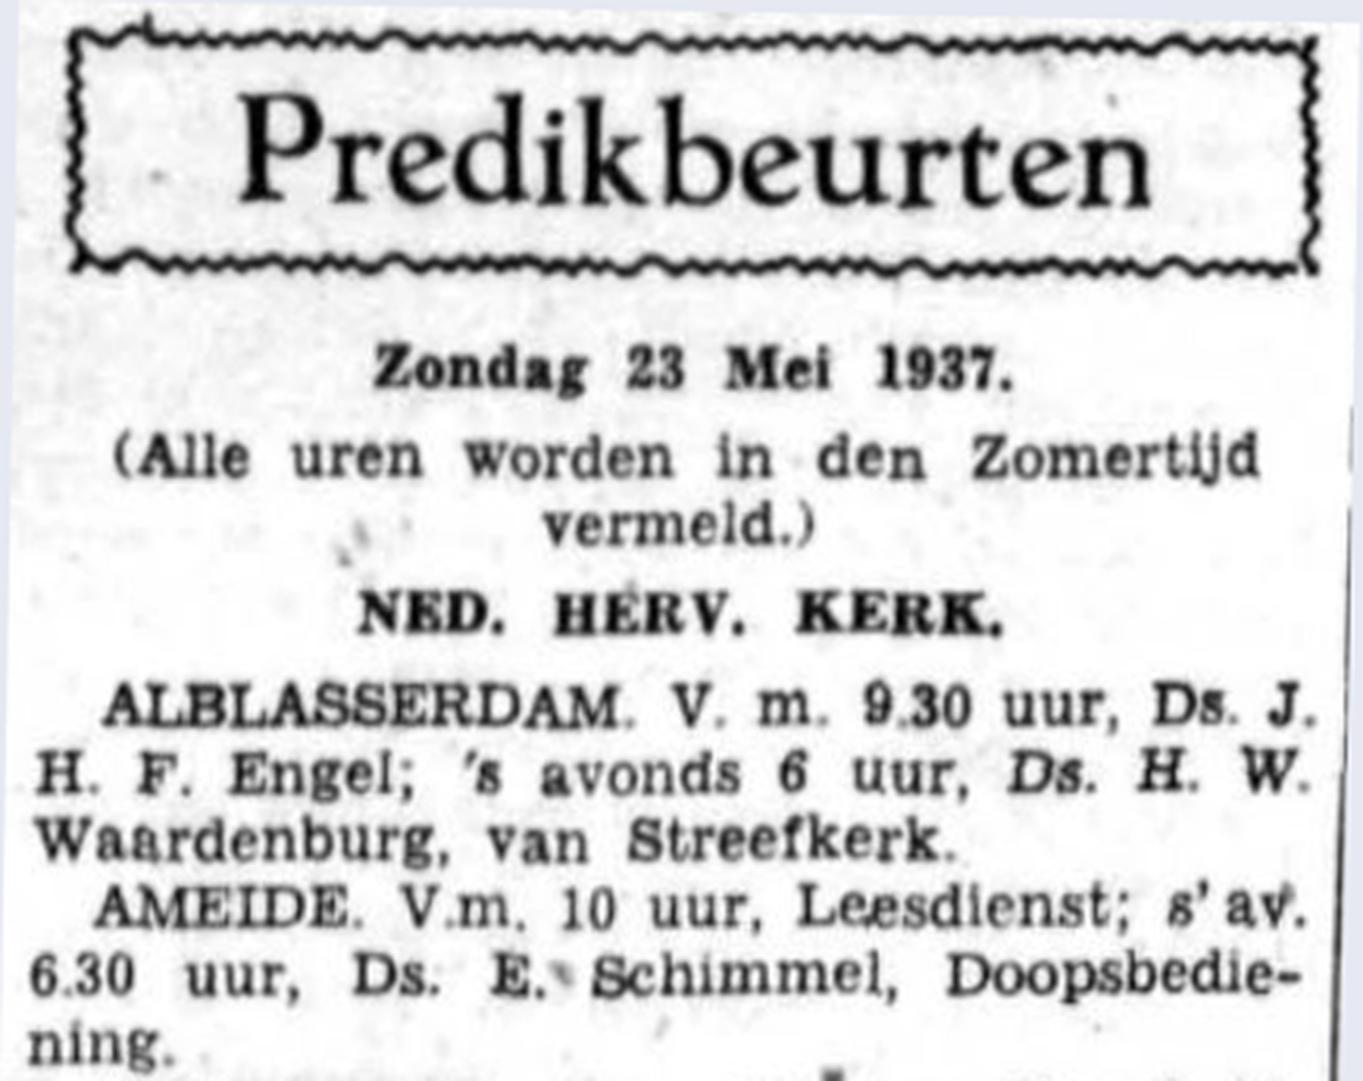 schoonhovensche-courant-06811-1937-05-21-artikel-2